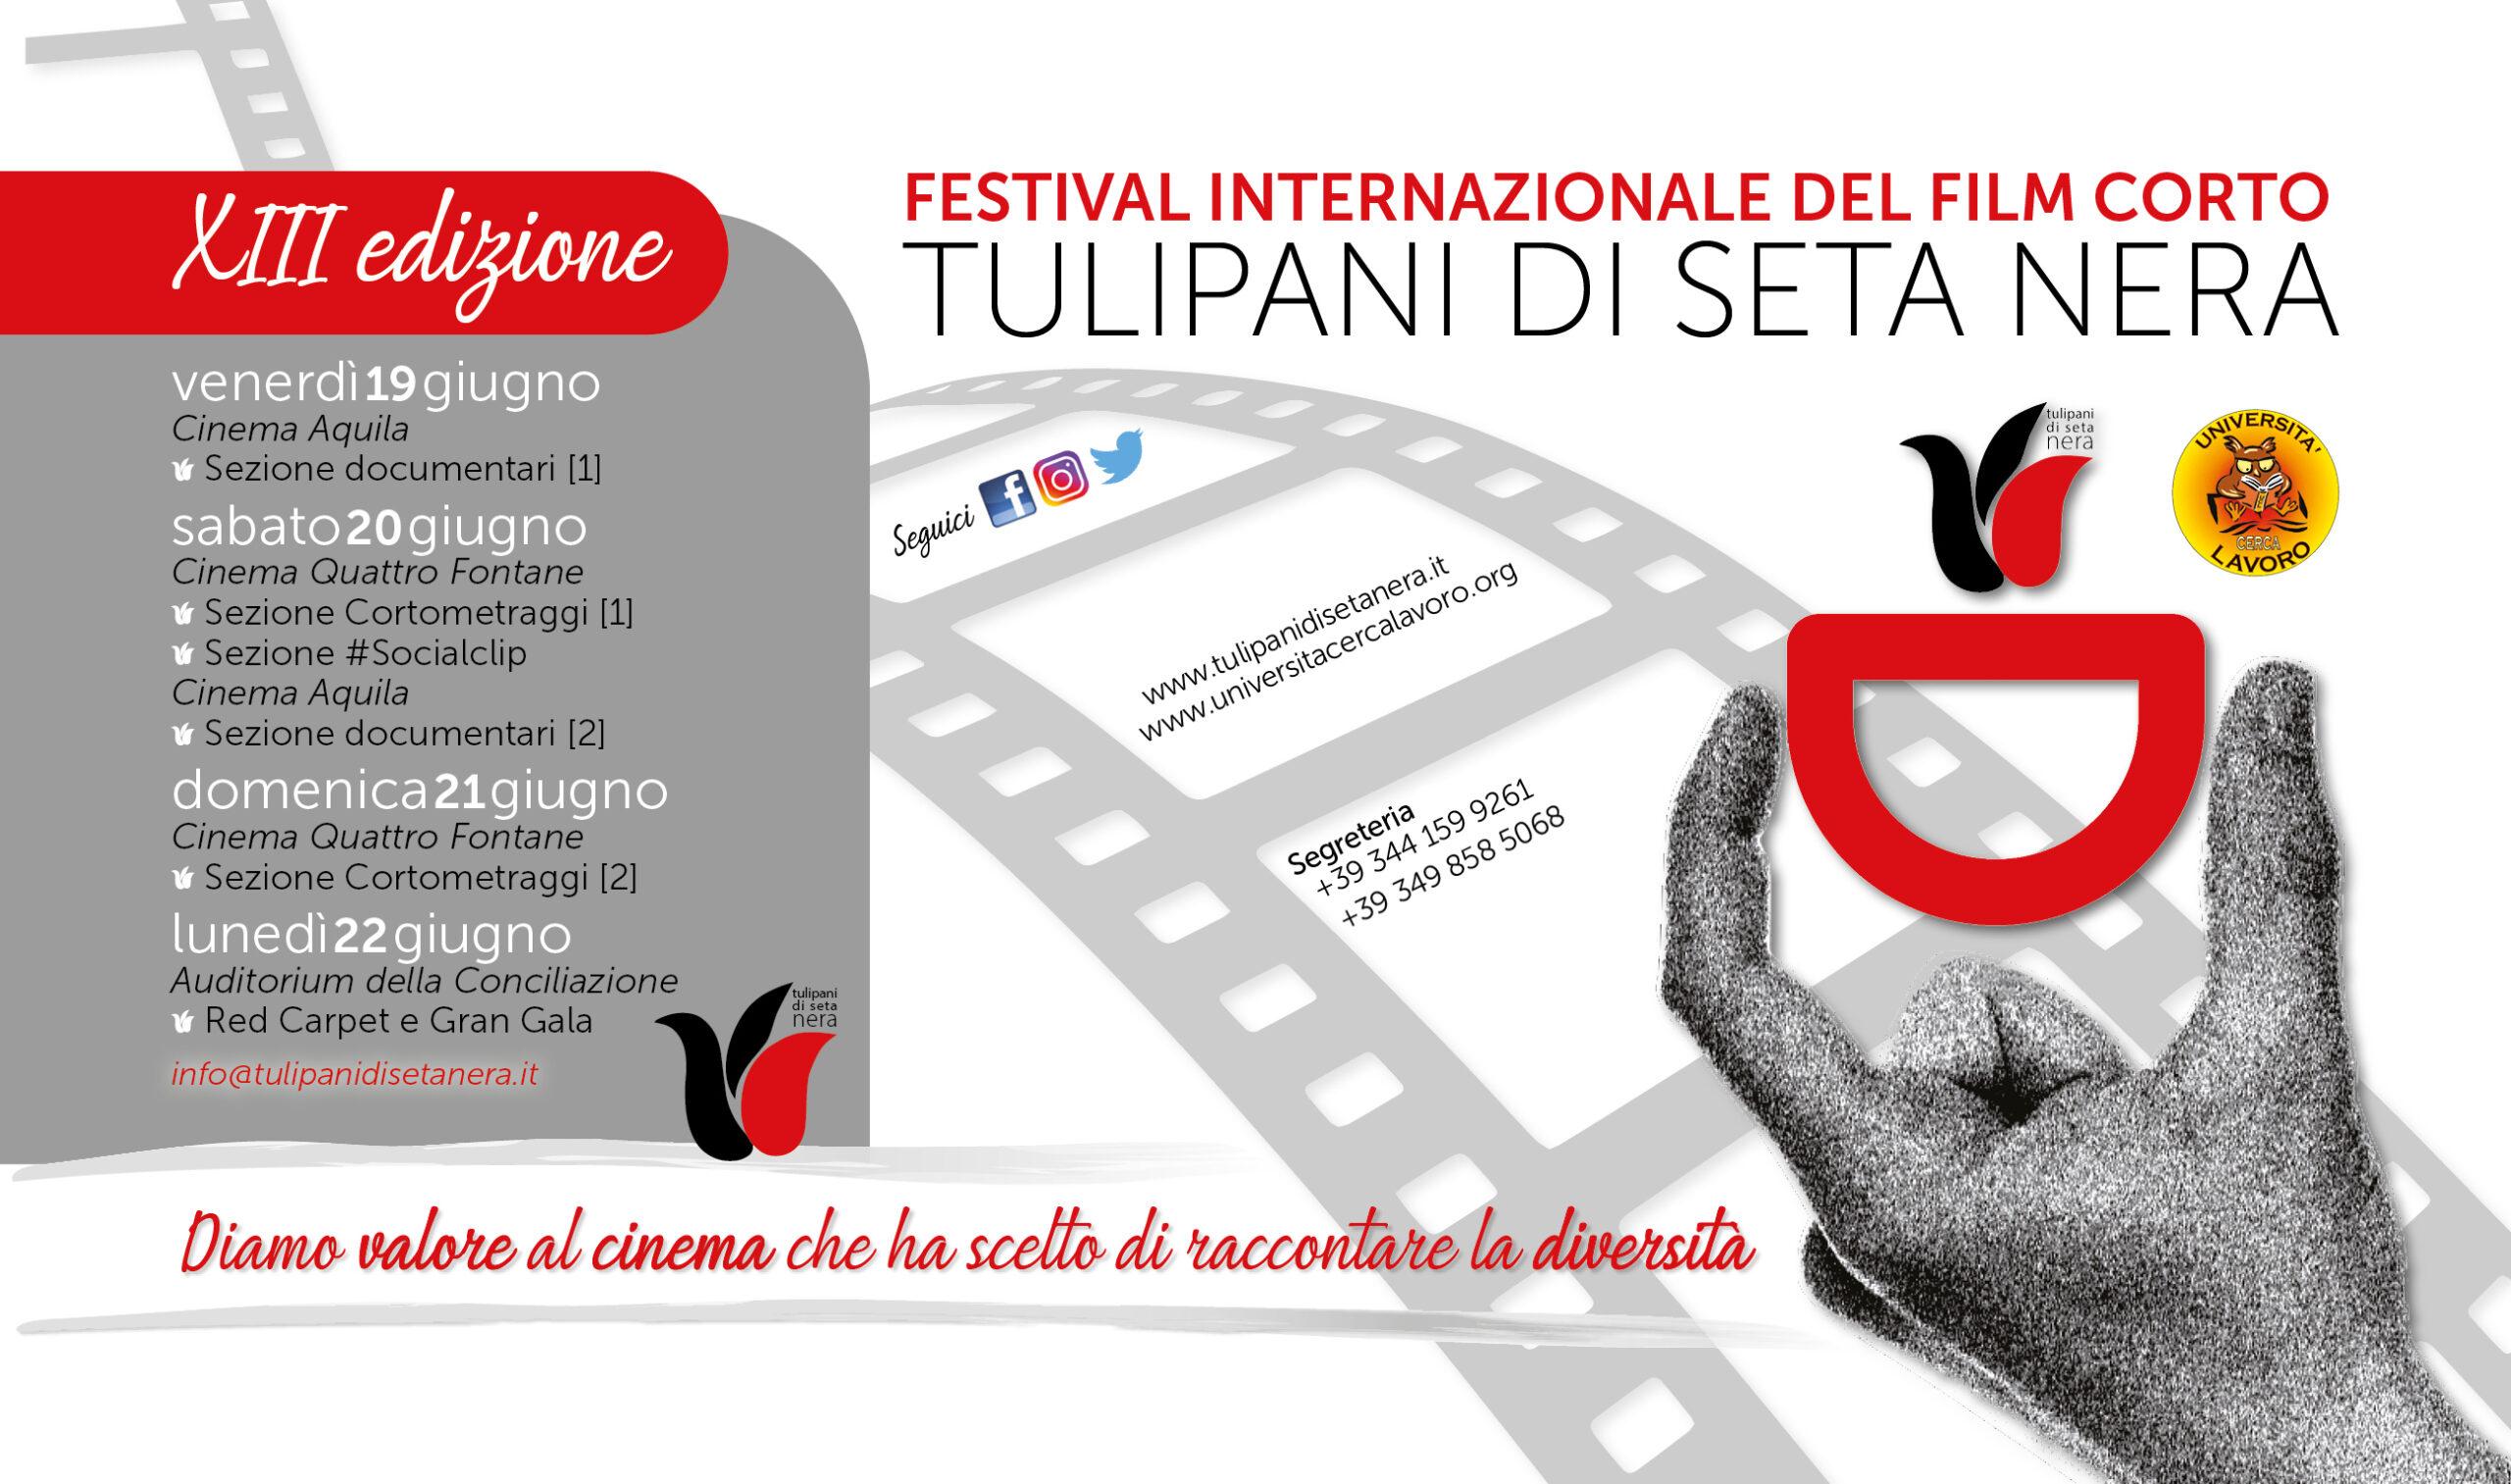 TULIPANI DI SETA NERA, rinviate le date della XIII edizione: appuntamento dal 19 al 22 giugno